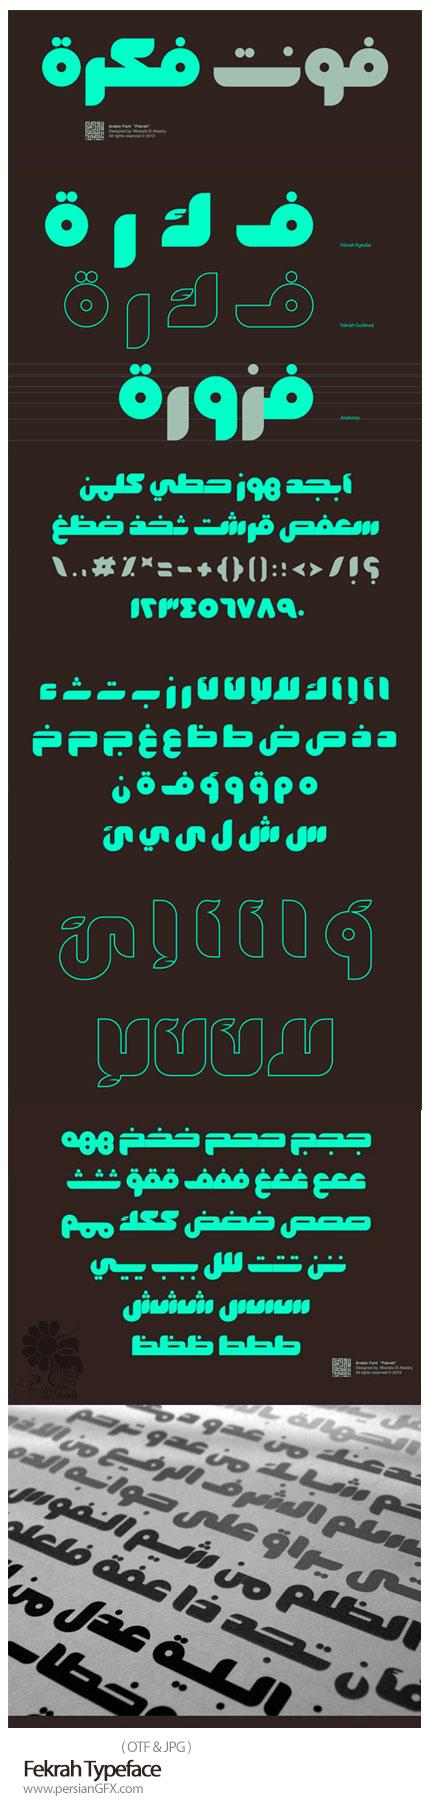 دانلود فونت عربی فکره - Fekrah Typeface